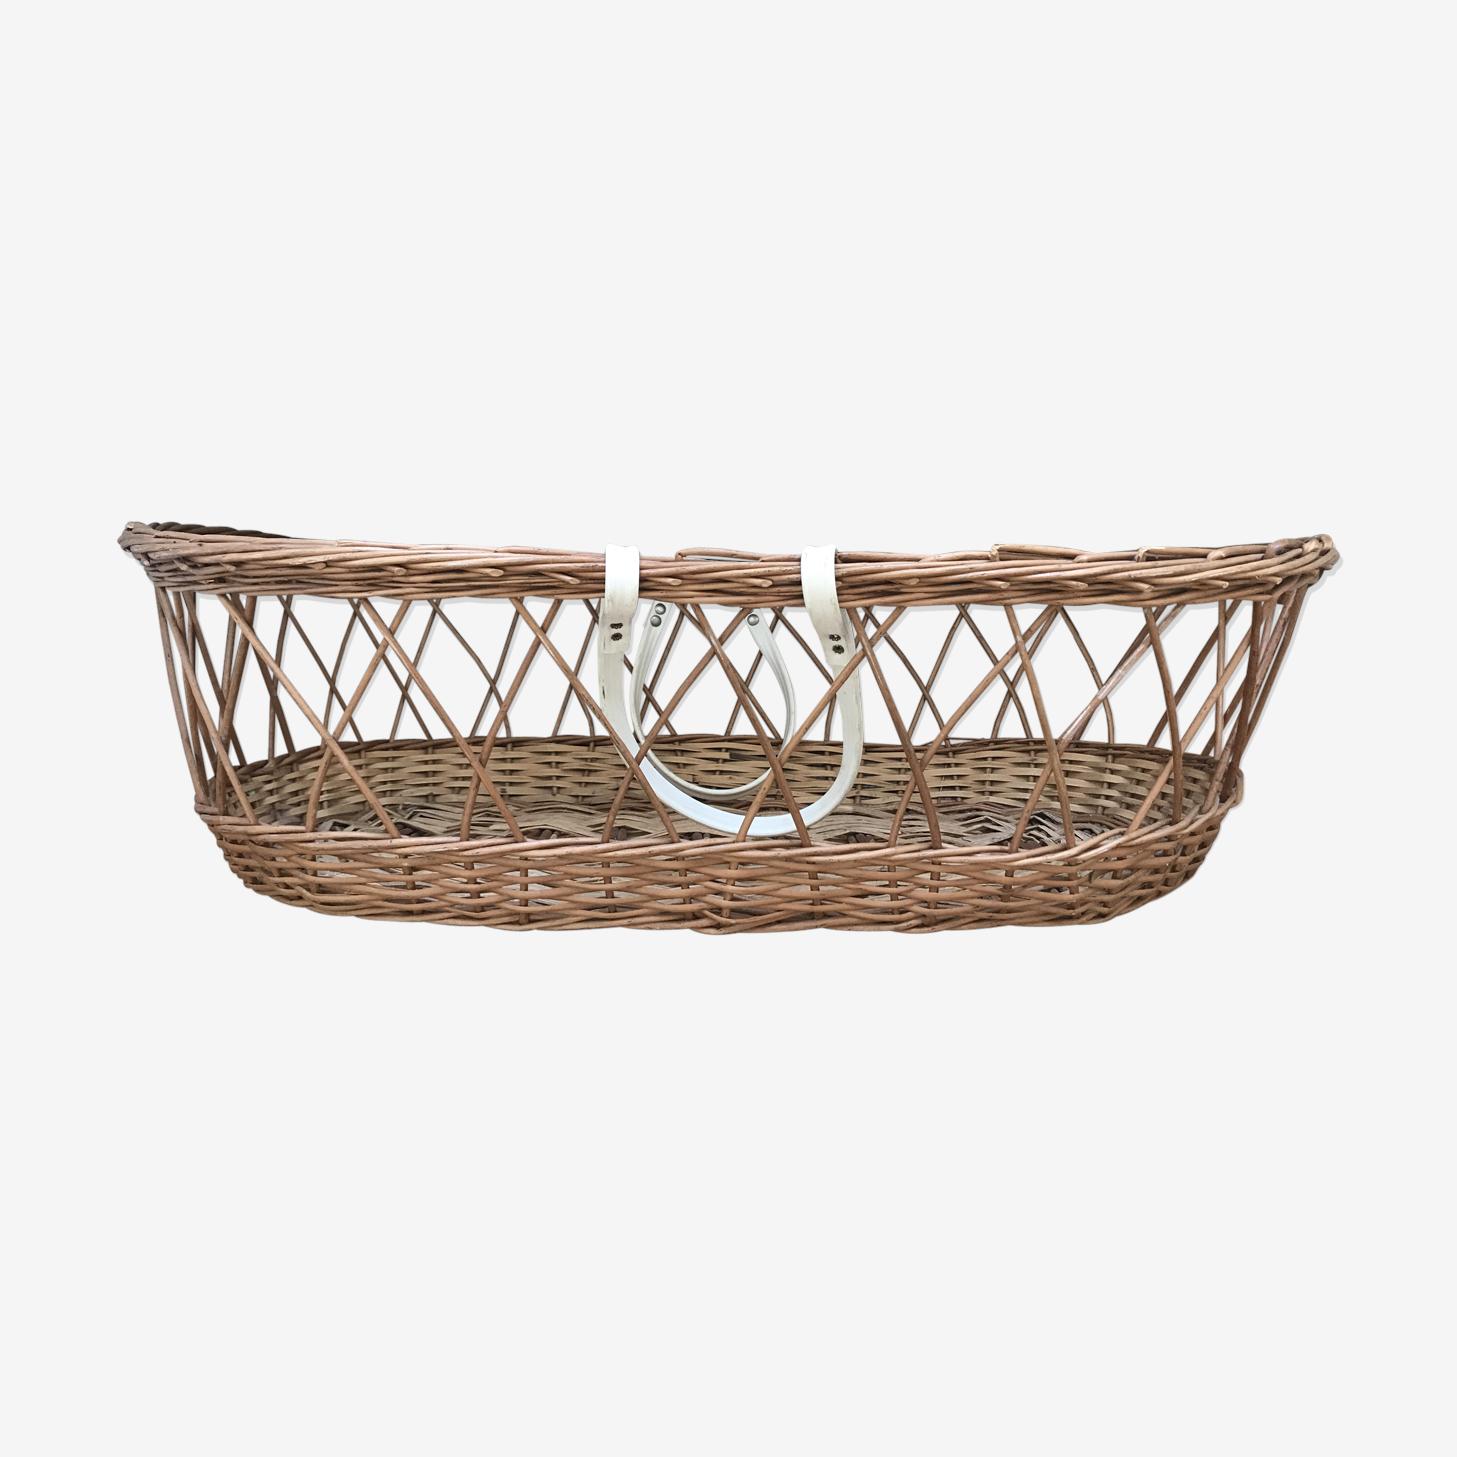 Wicker bassinet